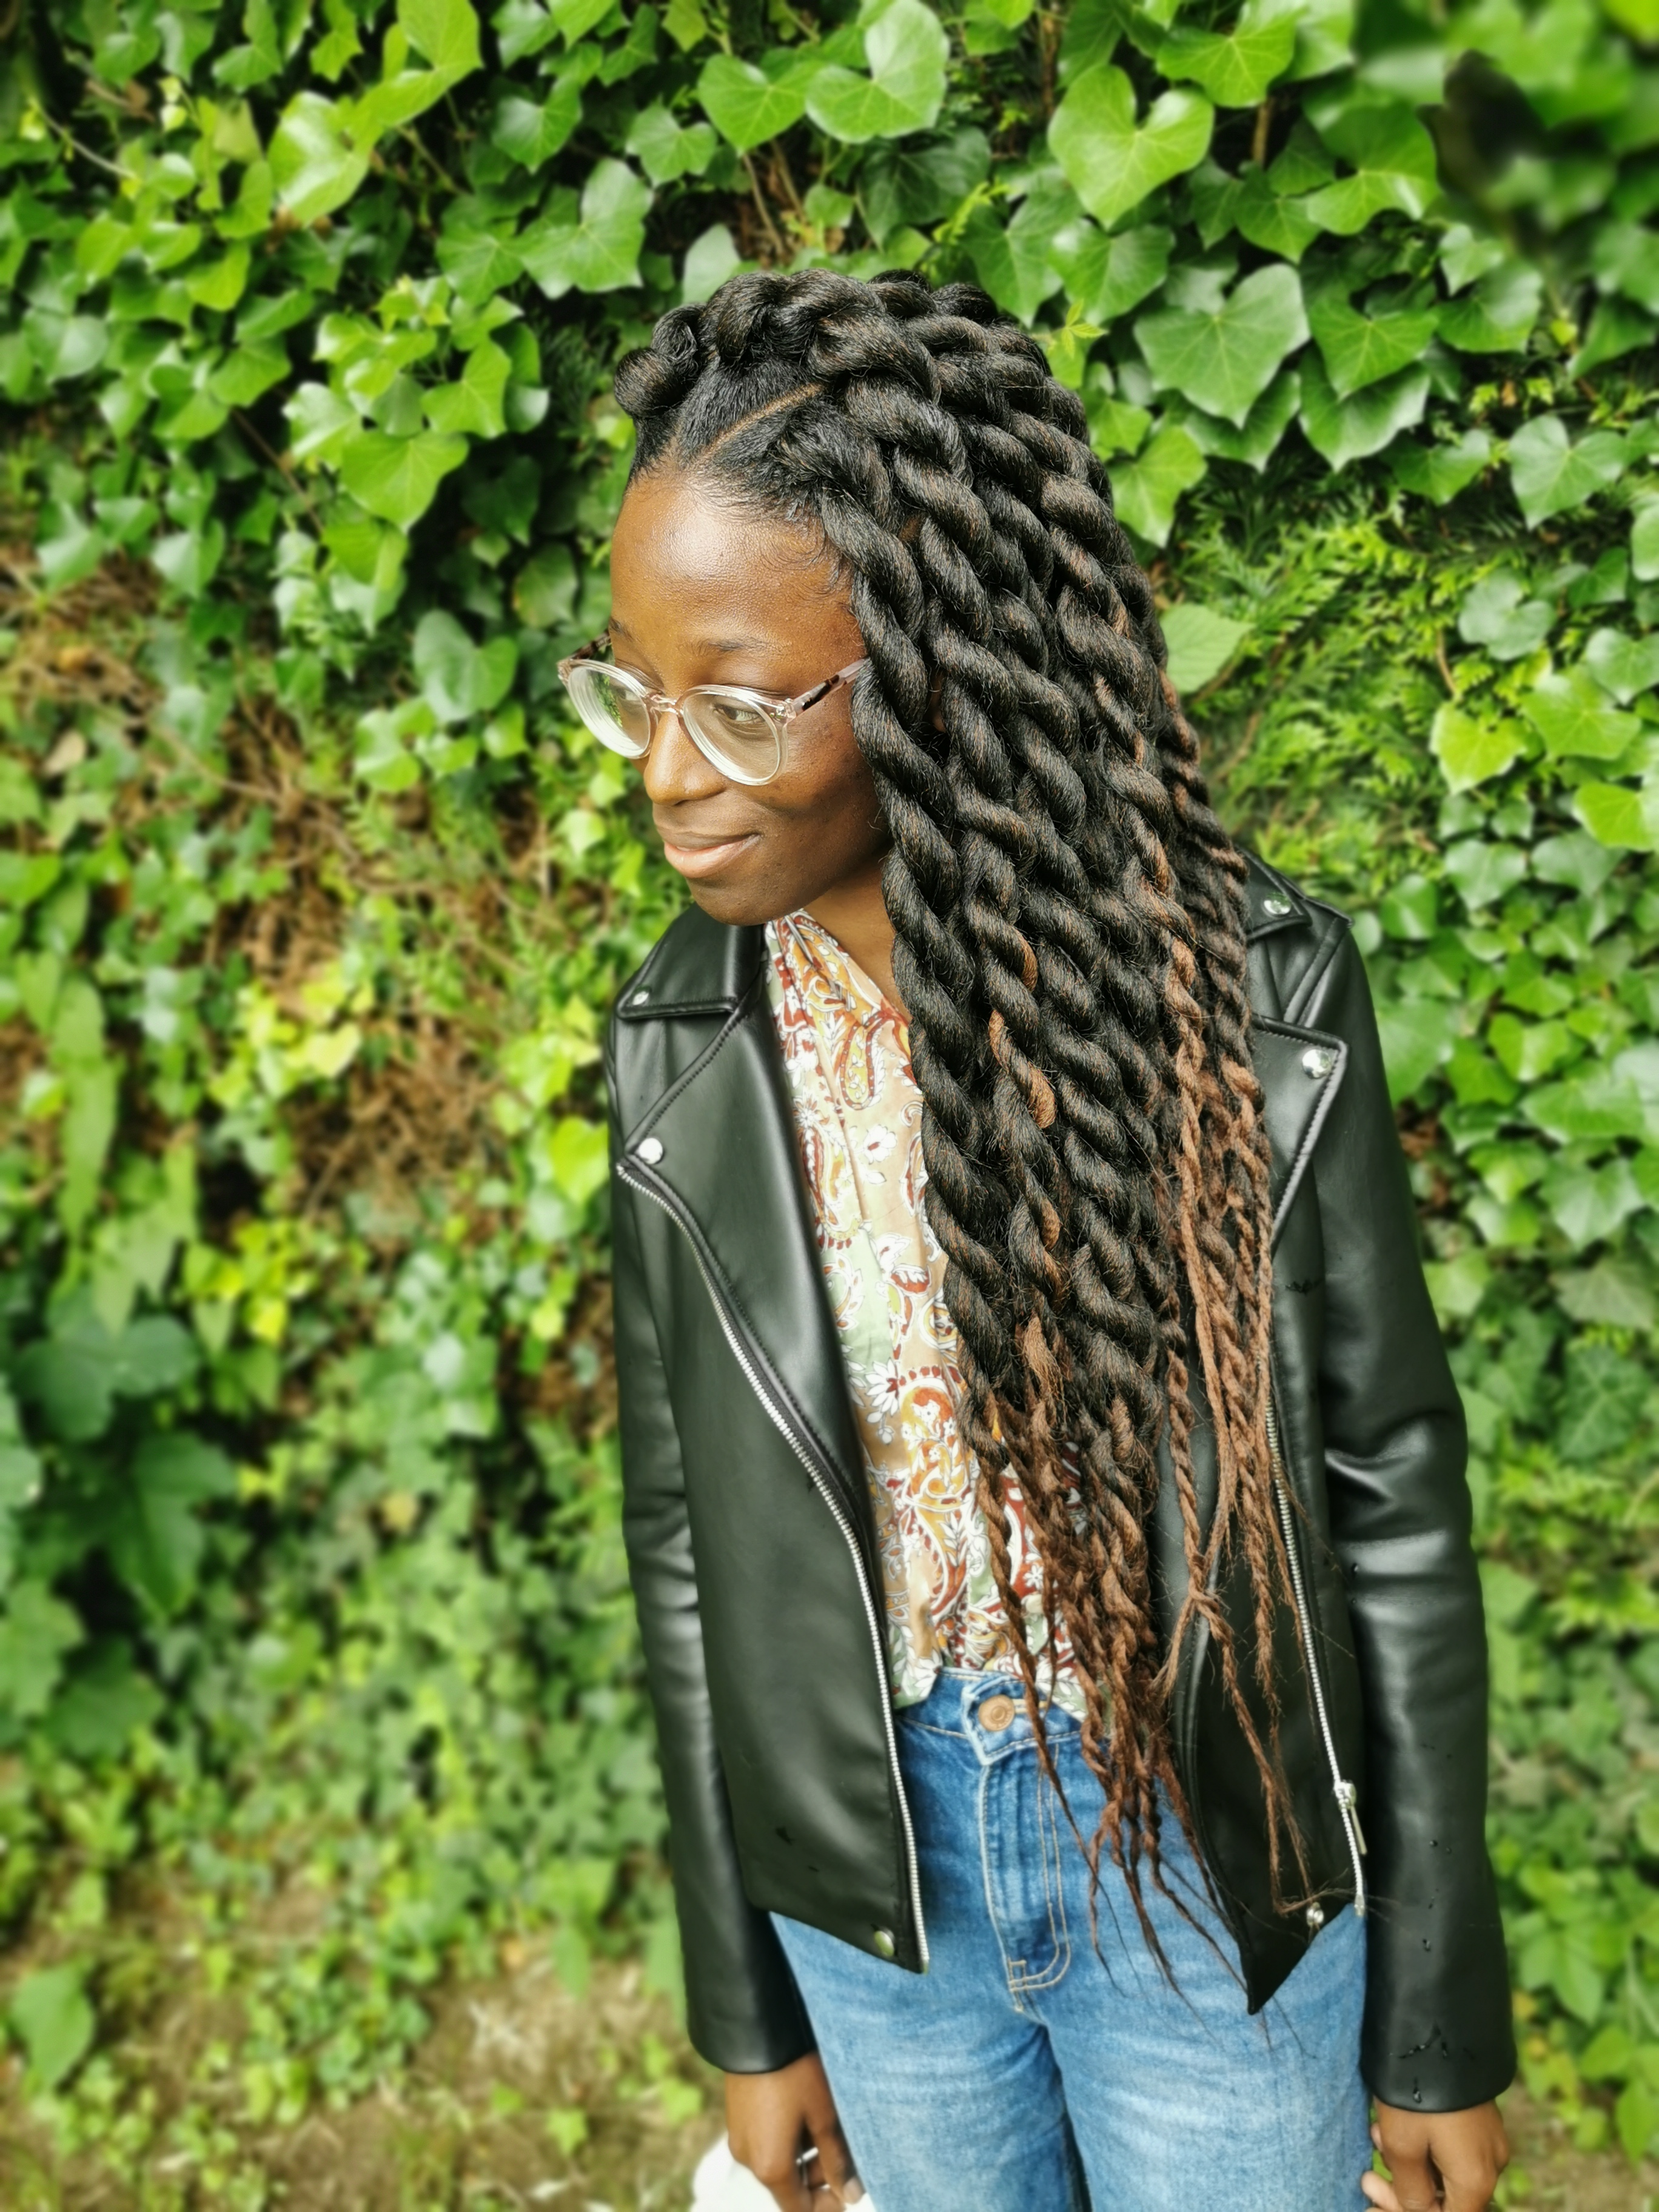 salon de coiffure afro tresse tresses box braids crochet braids vanilles tissages paris 75 77 78 91 92 93 94 95 RZPOMRLU